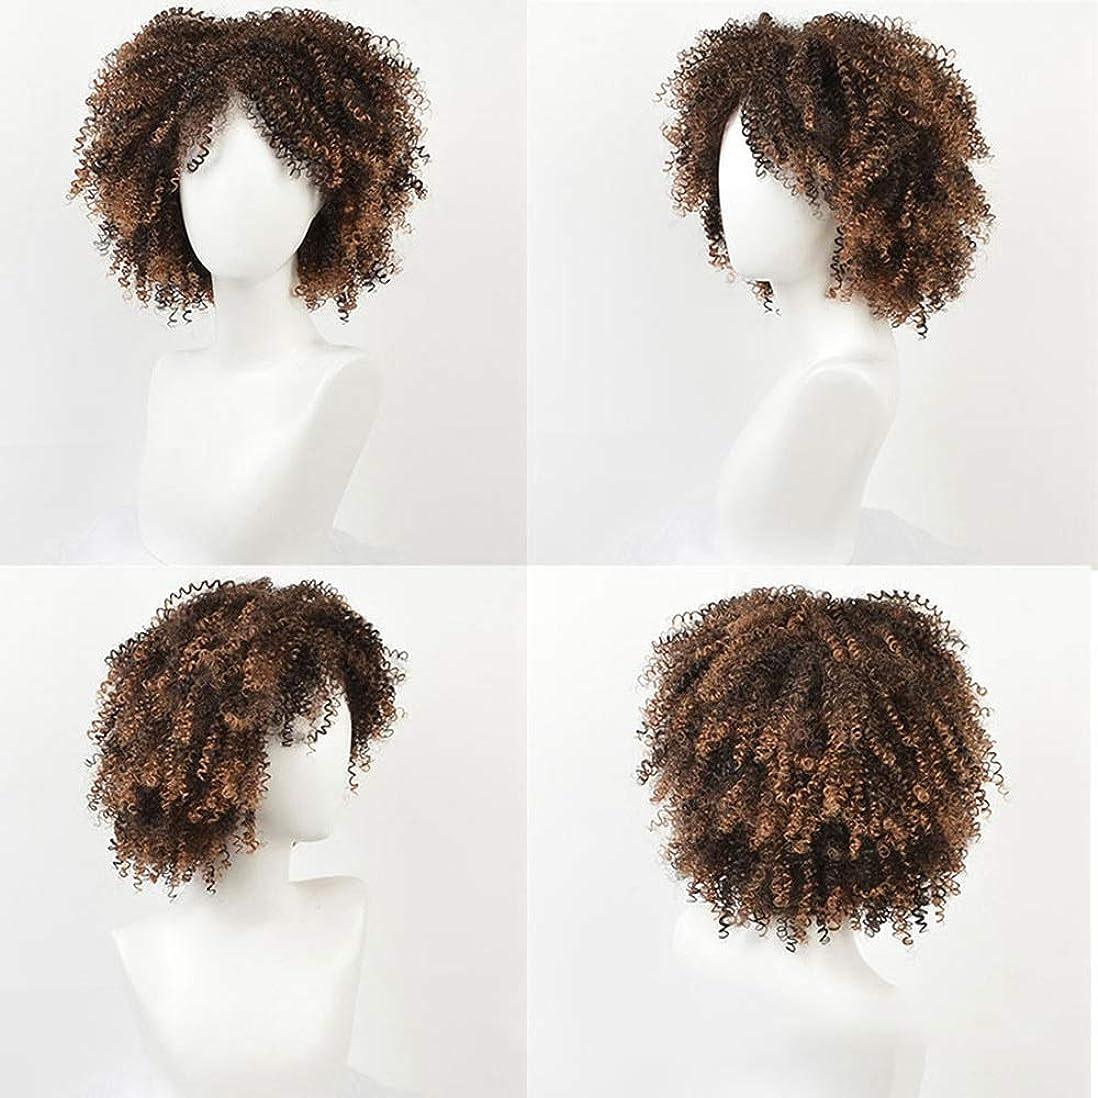 ブランク実り多い所得BOBIDYEE 変態巻き毛のかつらアフリカの黒人女性の爆発ヘッド14インチ小さな巻き毛の化学繊維かつらパーティーかつら (色 : C-2)